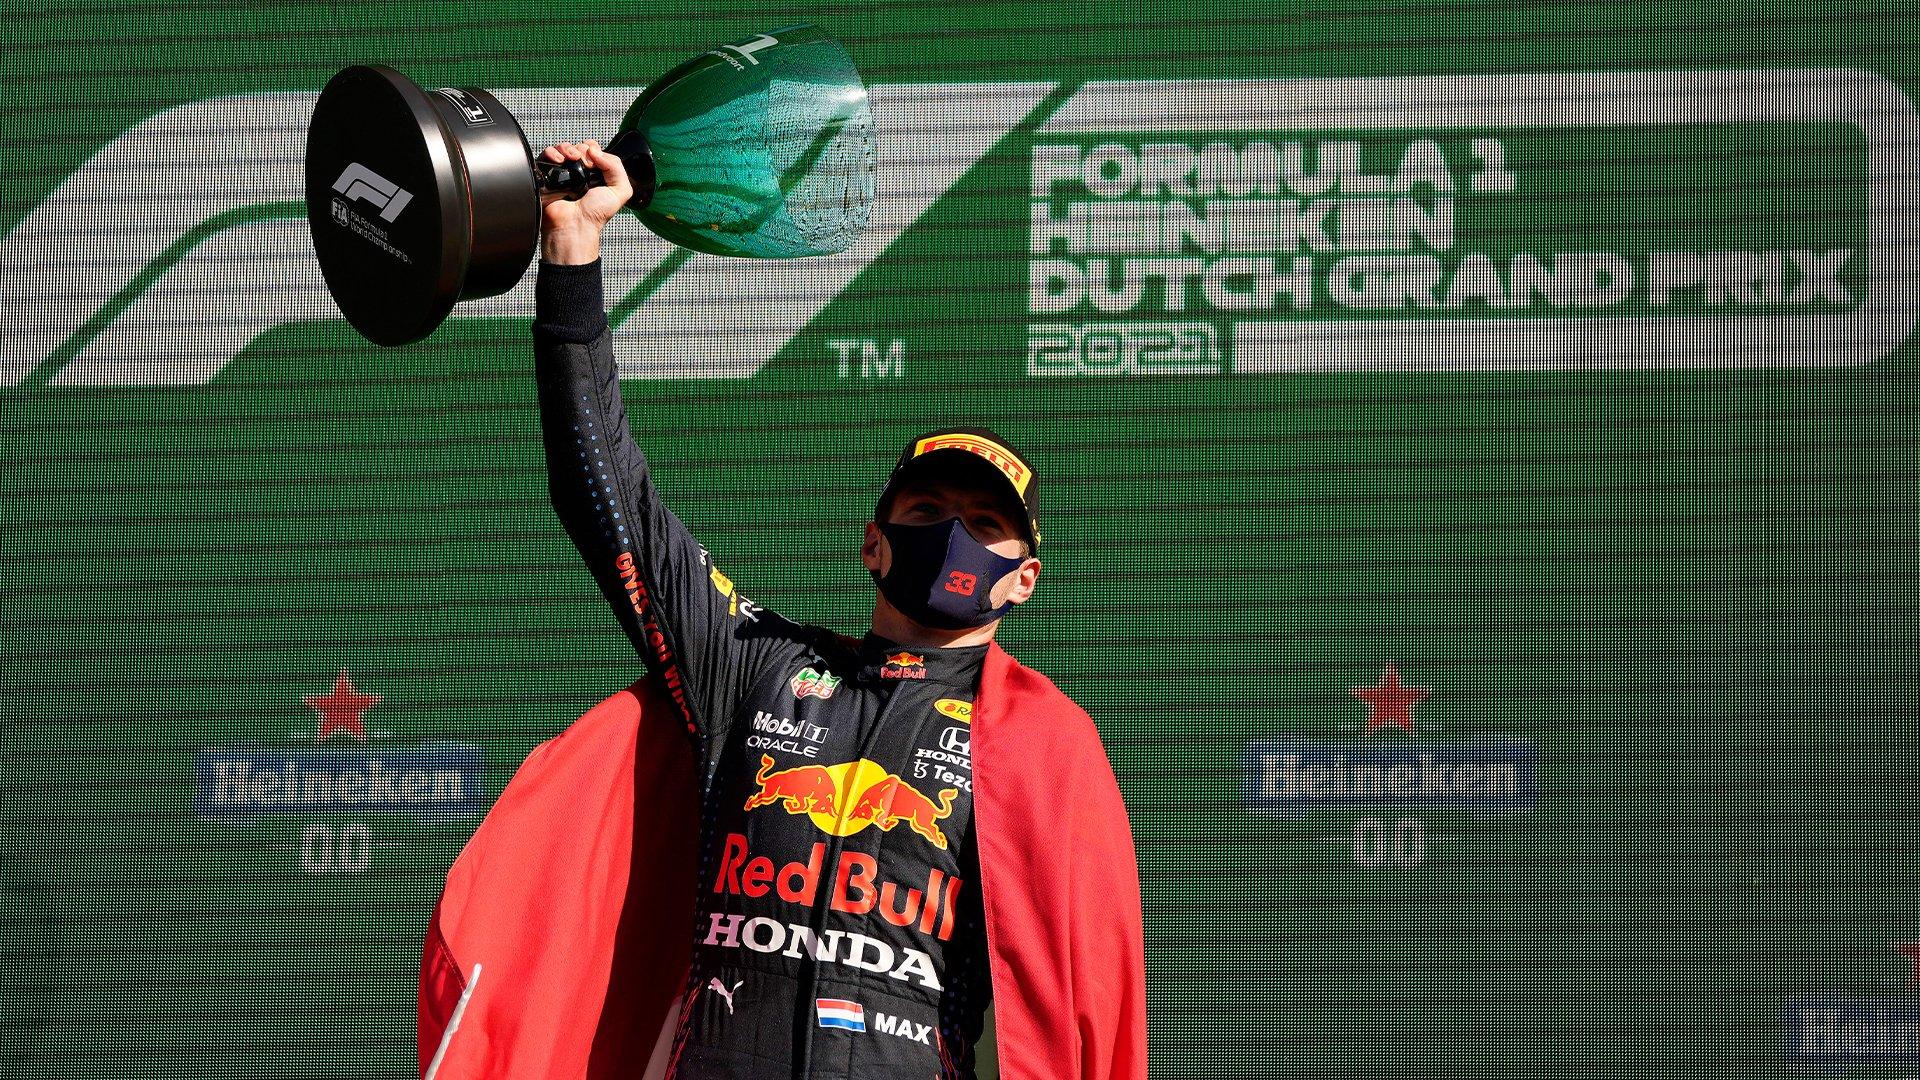 Max Verstappen triunfa en Zandvoort y recupera el liderato en el campeonato